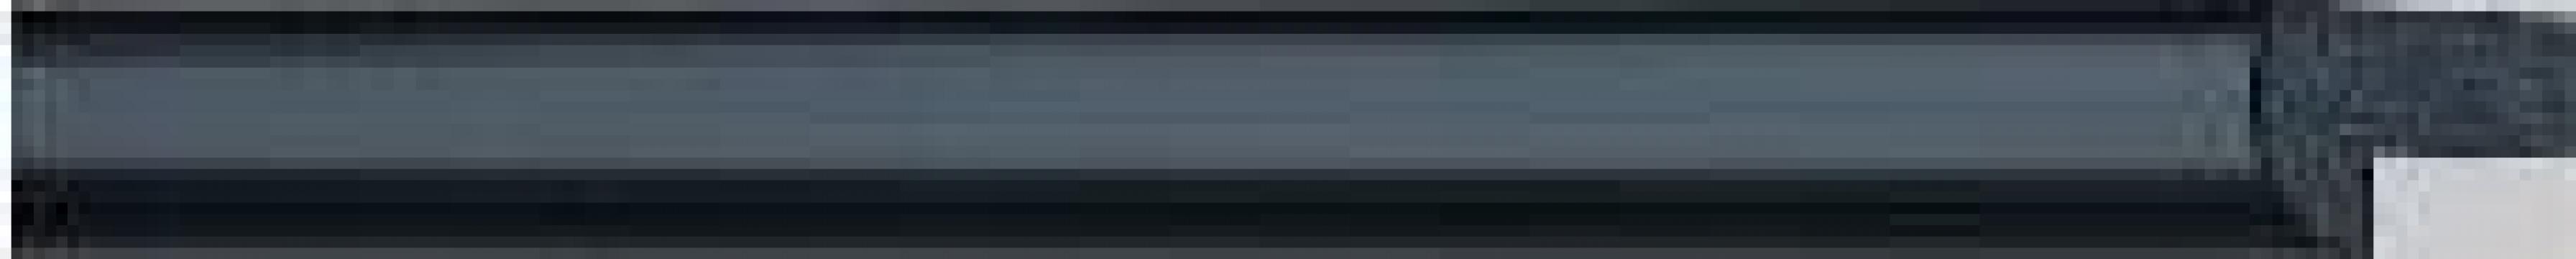 Profil sintetic pentru rame de tablou